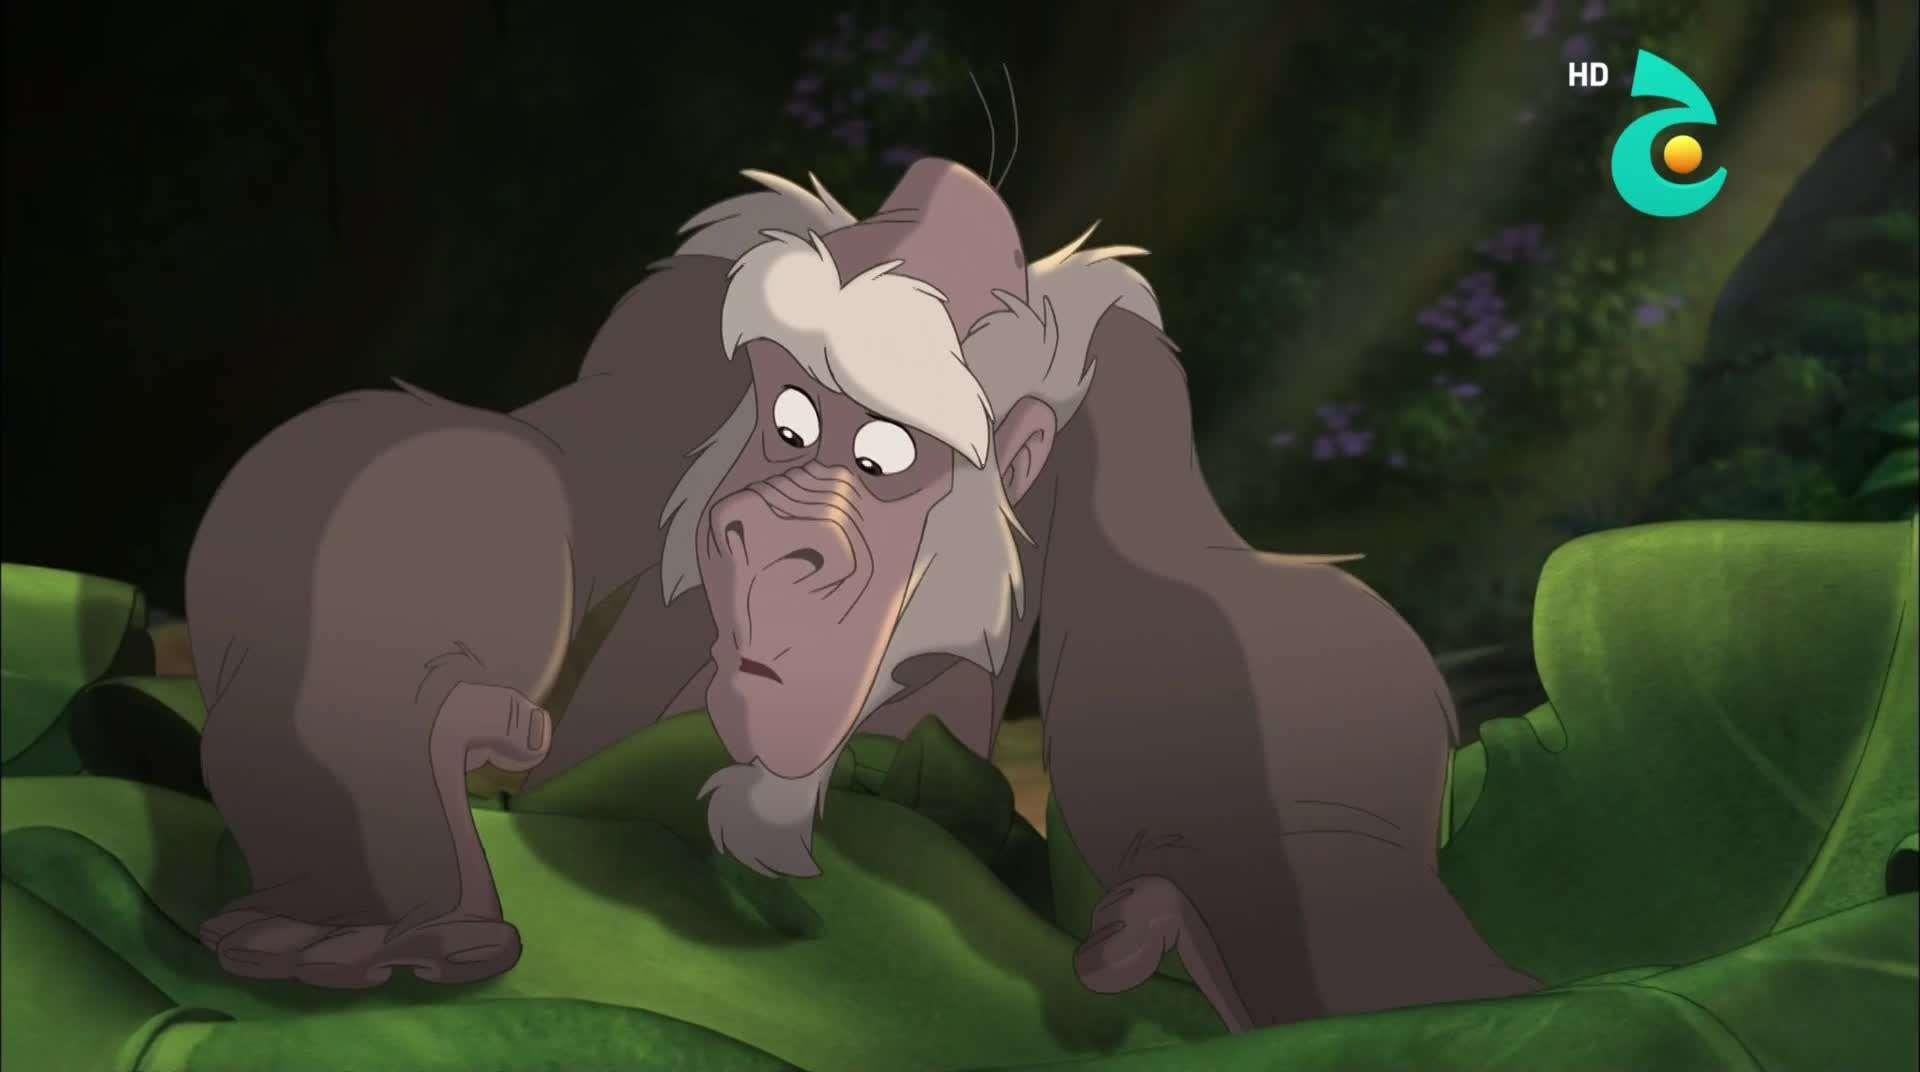 طرزان الجزء الثاني Tarzan II (2005) HDTV 1080p تحميل تورنت 10 arabp2p.com